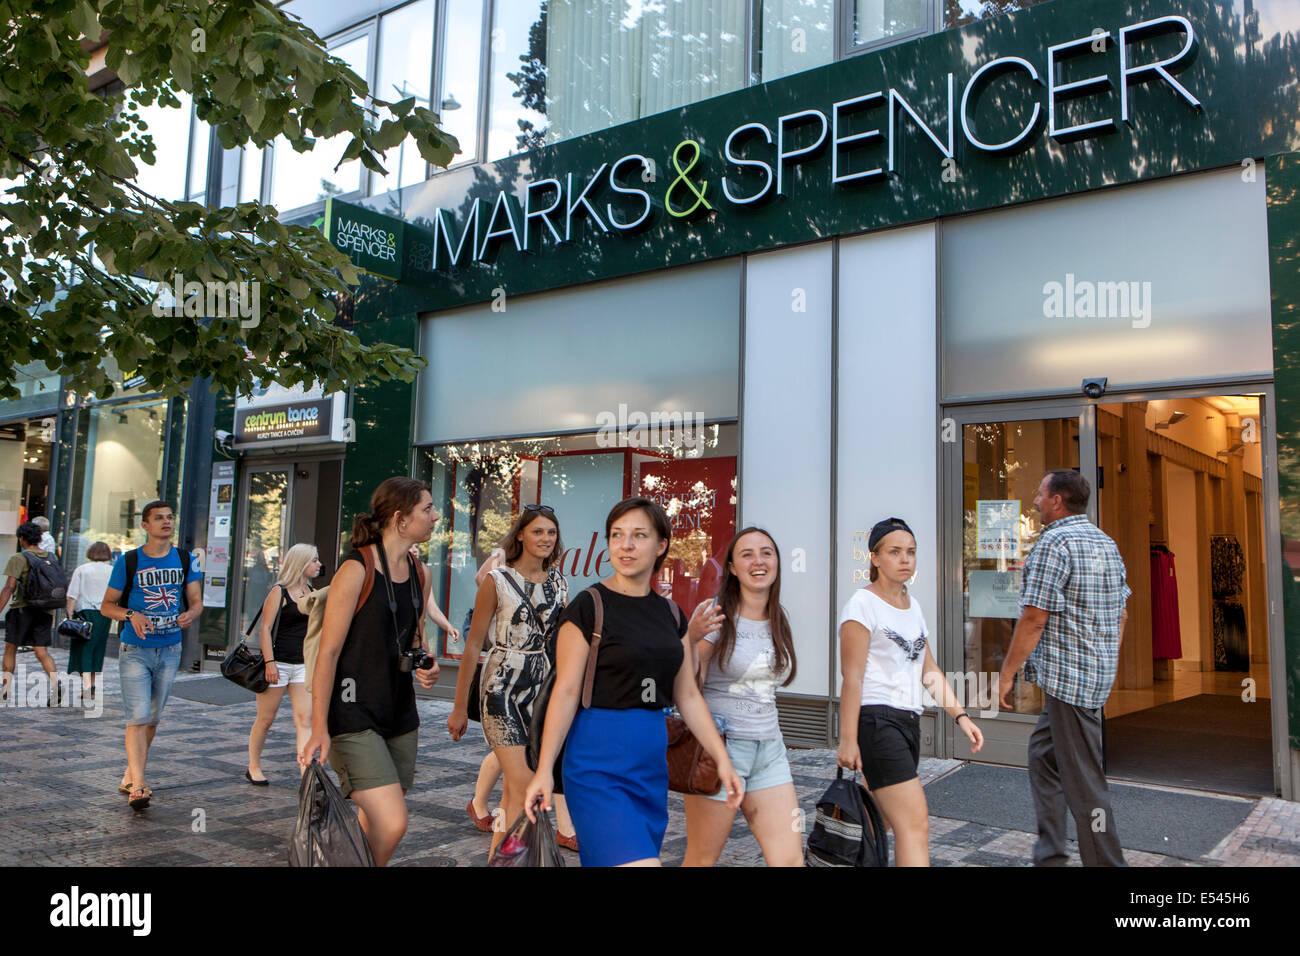 a6a6e79d2c3 Marks Spencer Stock Photos & Marks Spencer Stock Images - Alamy